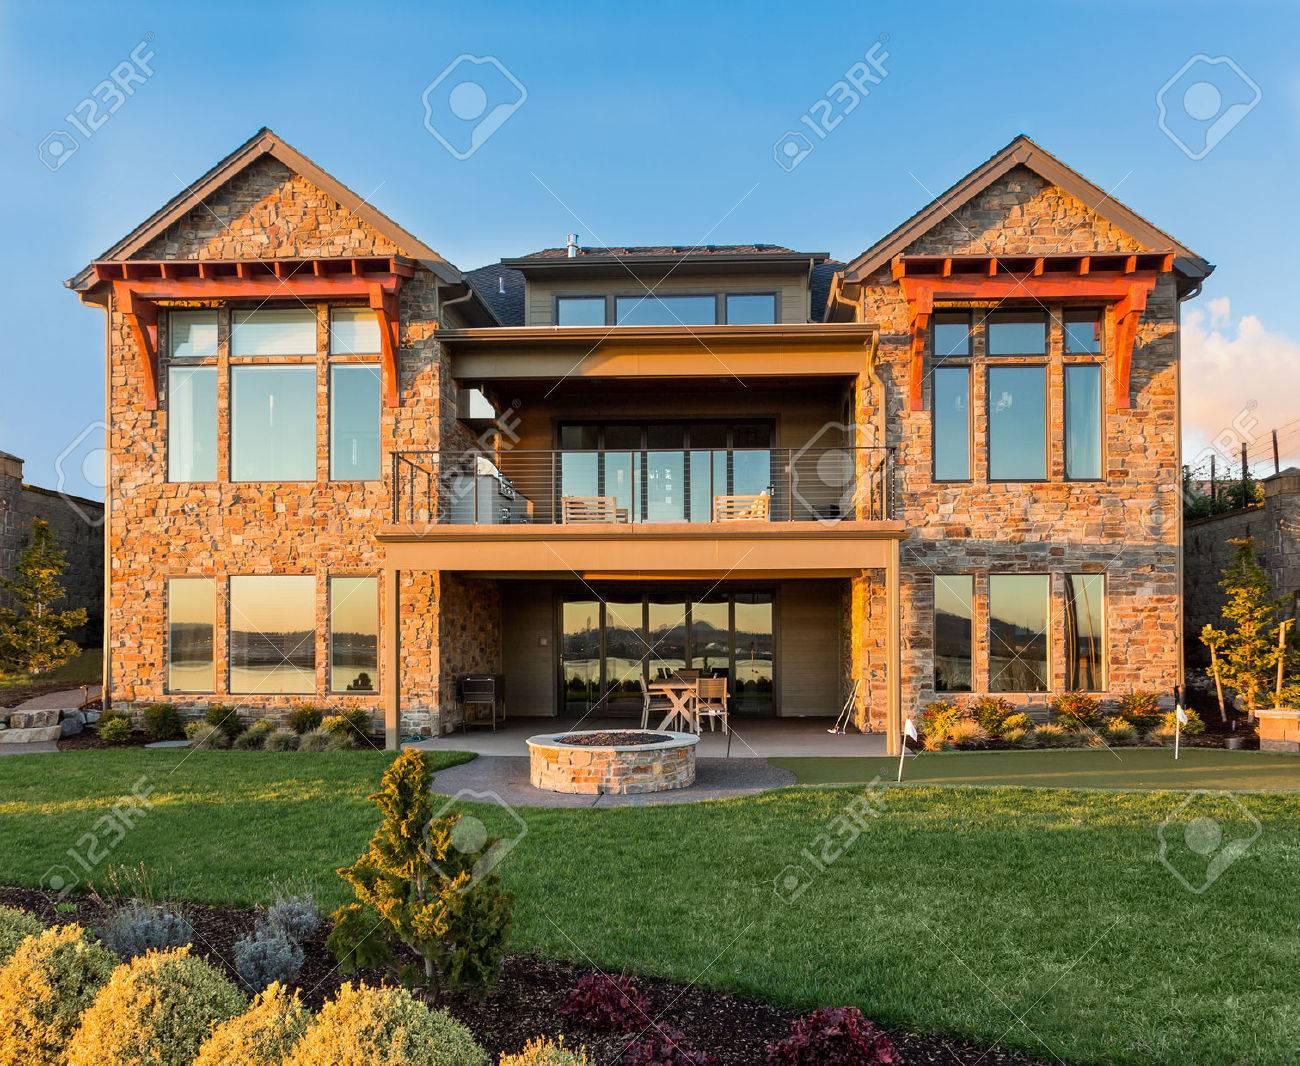 banque dimages belle maison de luxe extrieur avec herbe balcon et vert sur laprs midi ensoleill